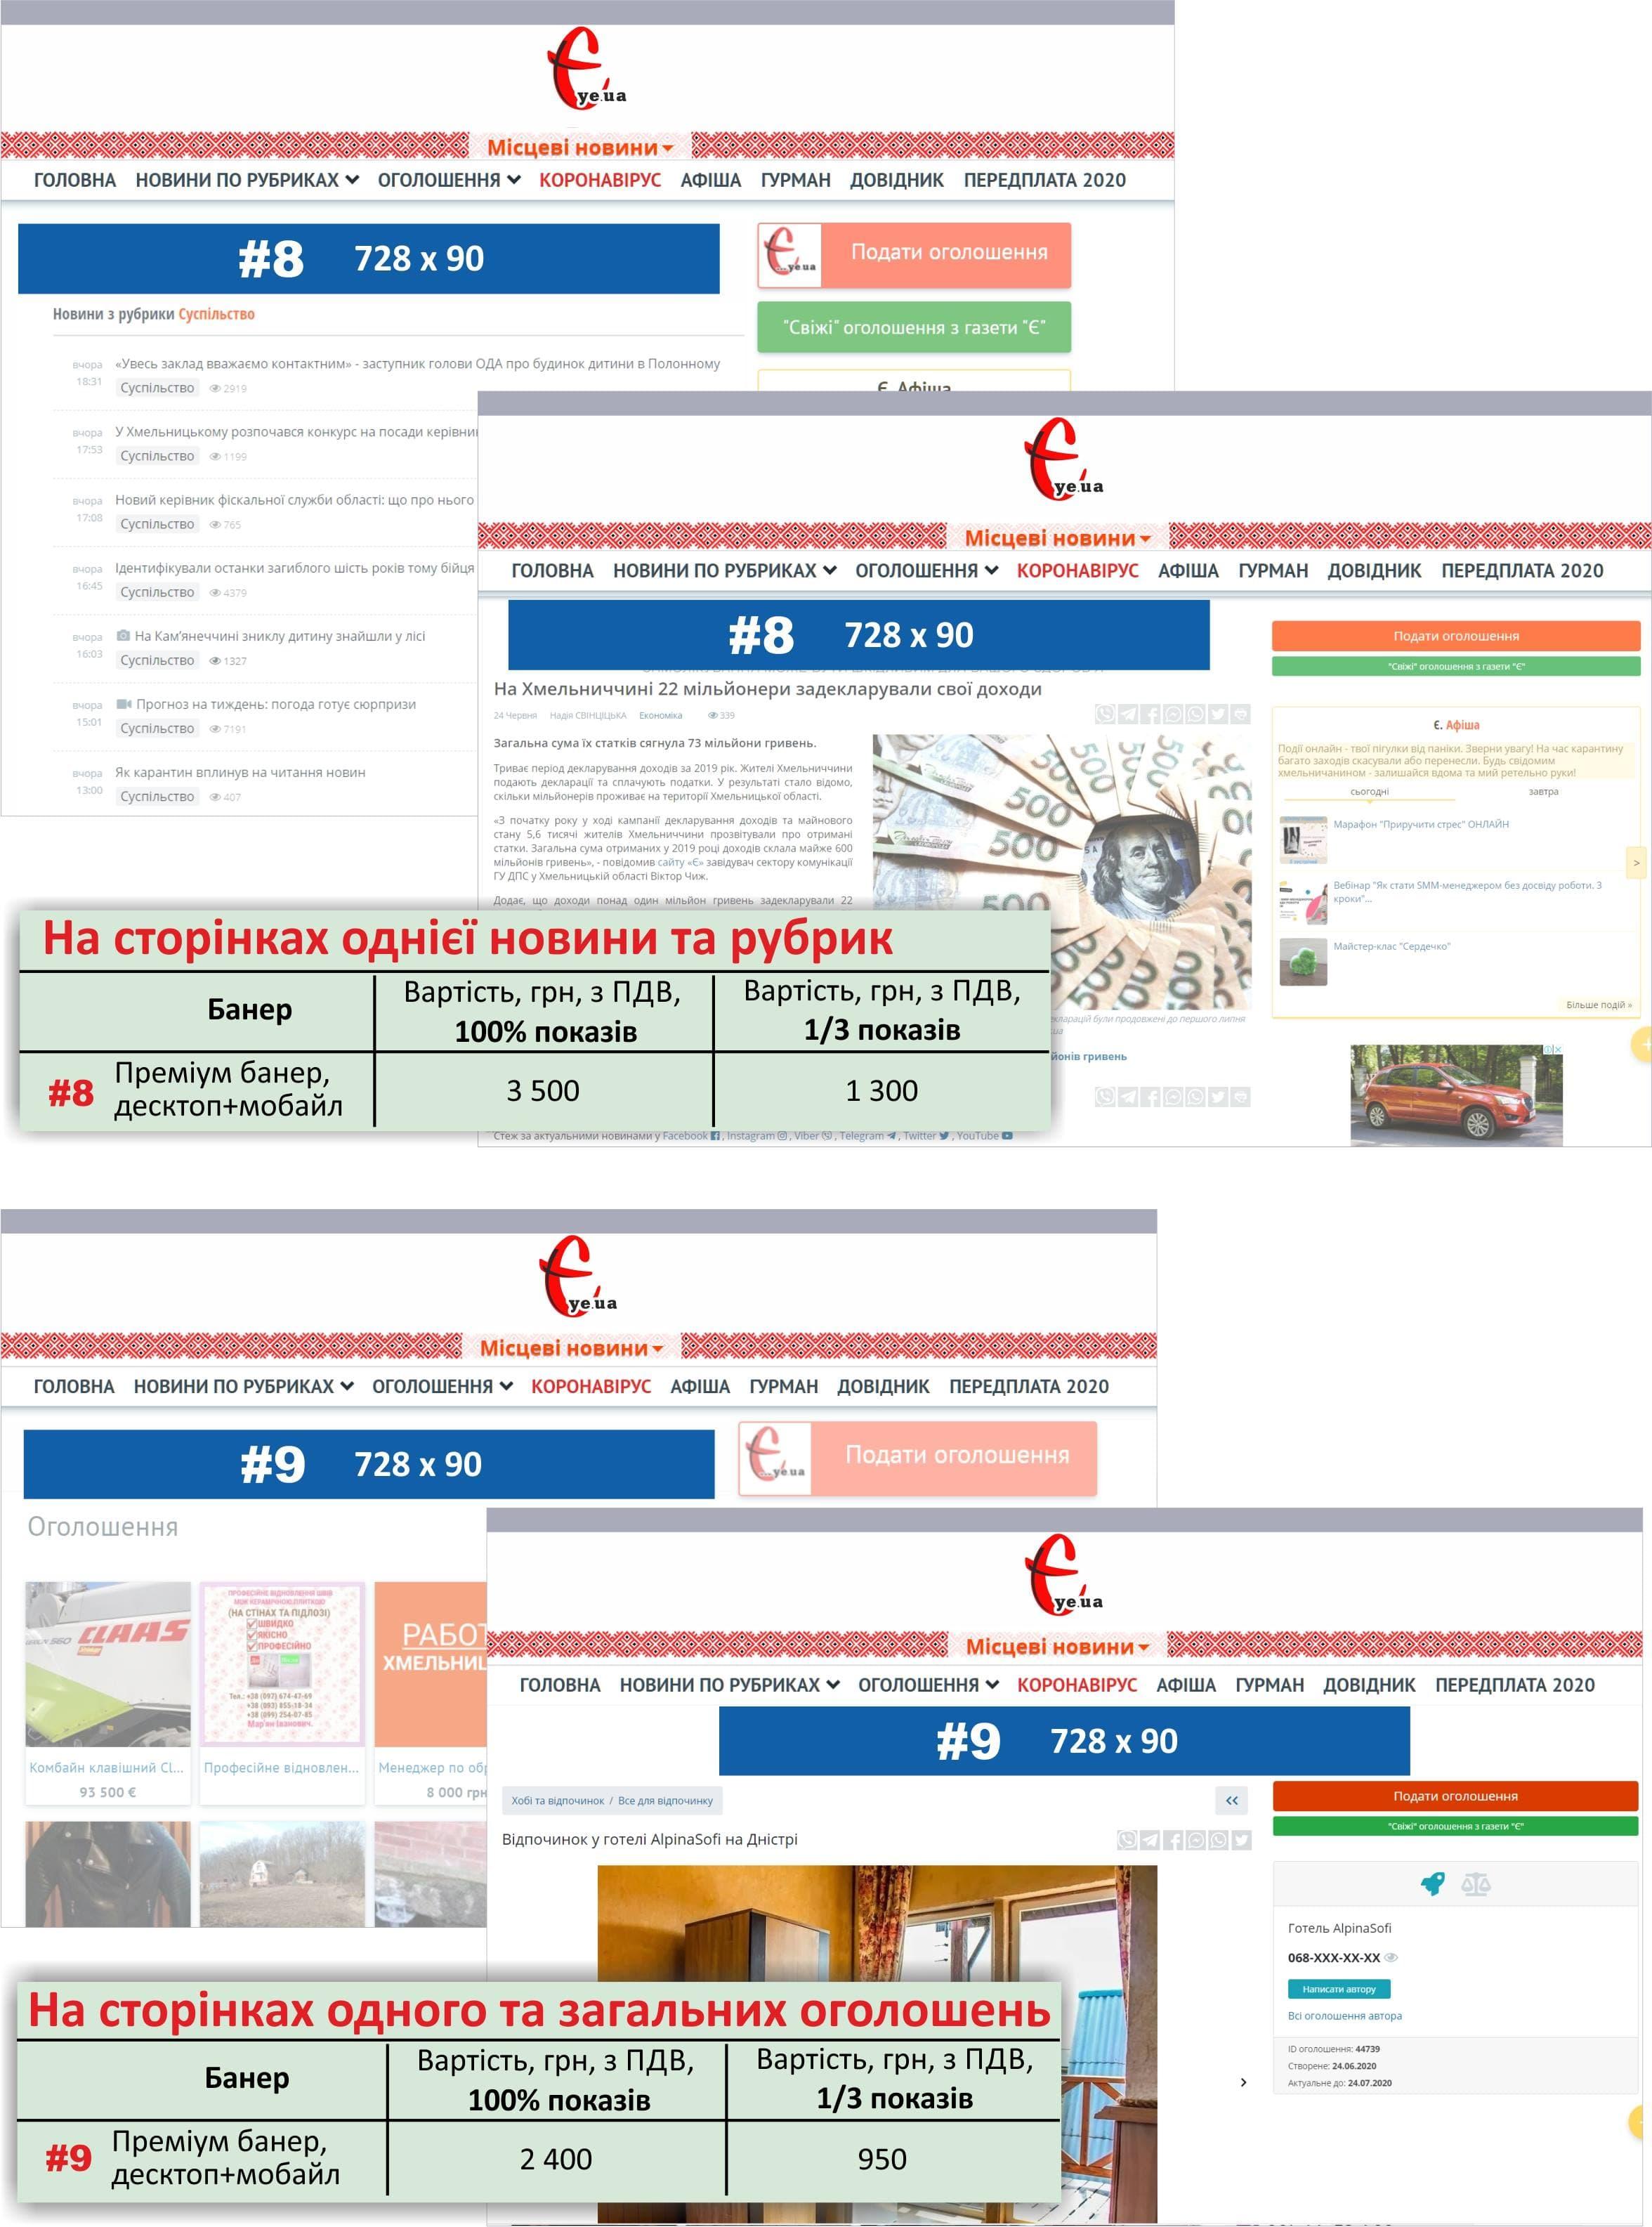 Прайс-лист новинних сторінок та сторінок оголошень на сайті ye.ua